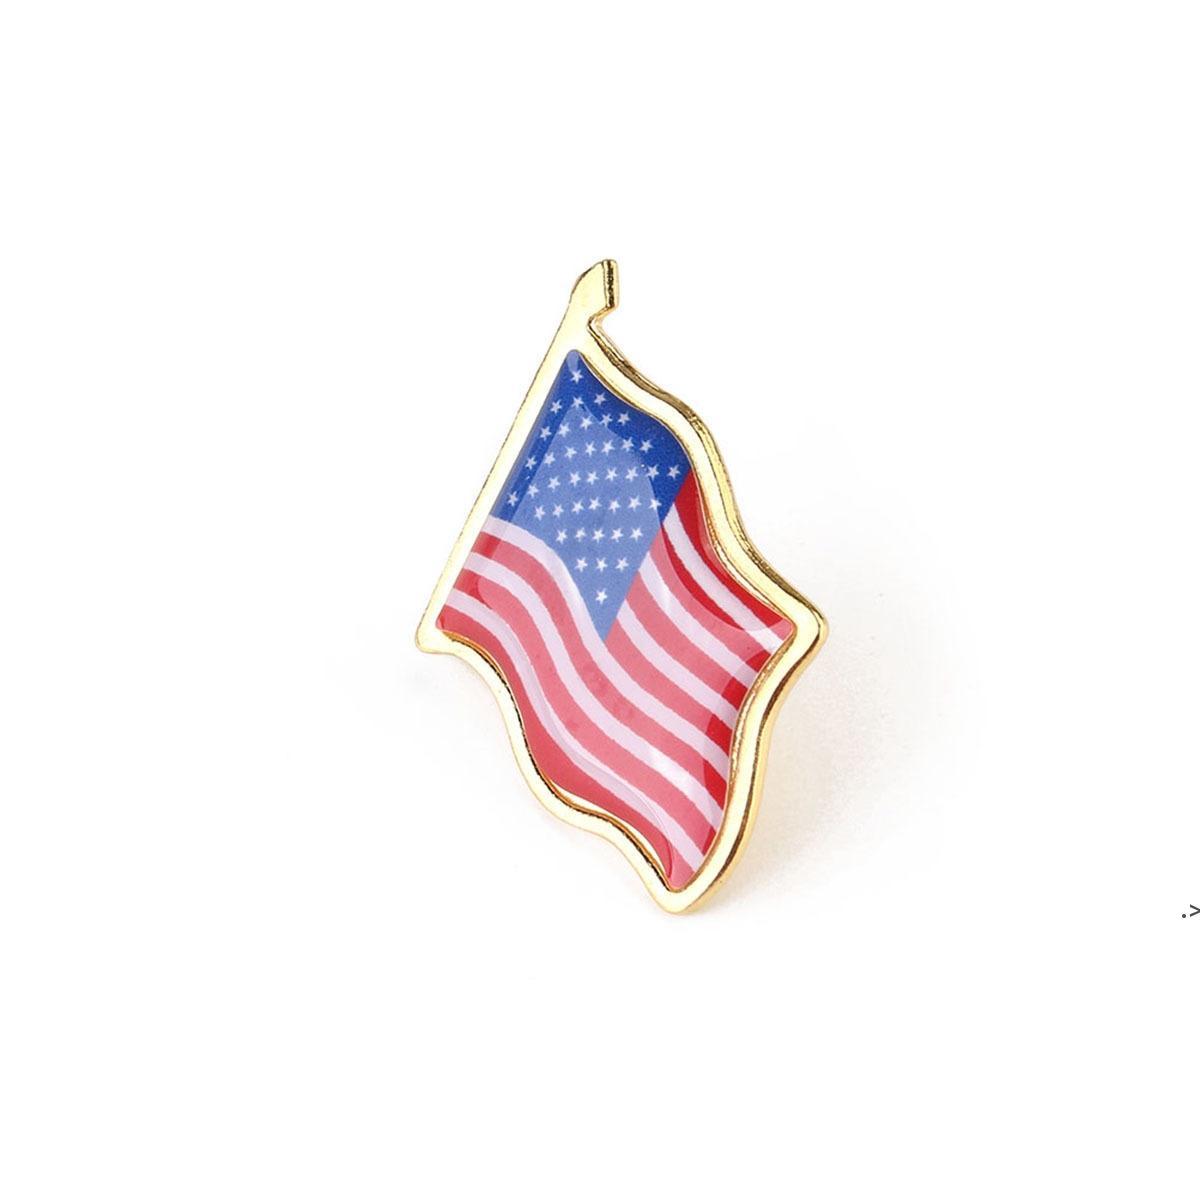 럭셔리 디자인 선물 미국 국기 옷깃 핀 미국 미국 10pcs / lot 모자 넥타이 압정 배지 핀 의류 가방에 대 한 미니 브로치 dec hwd9494